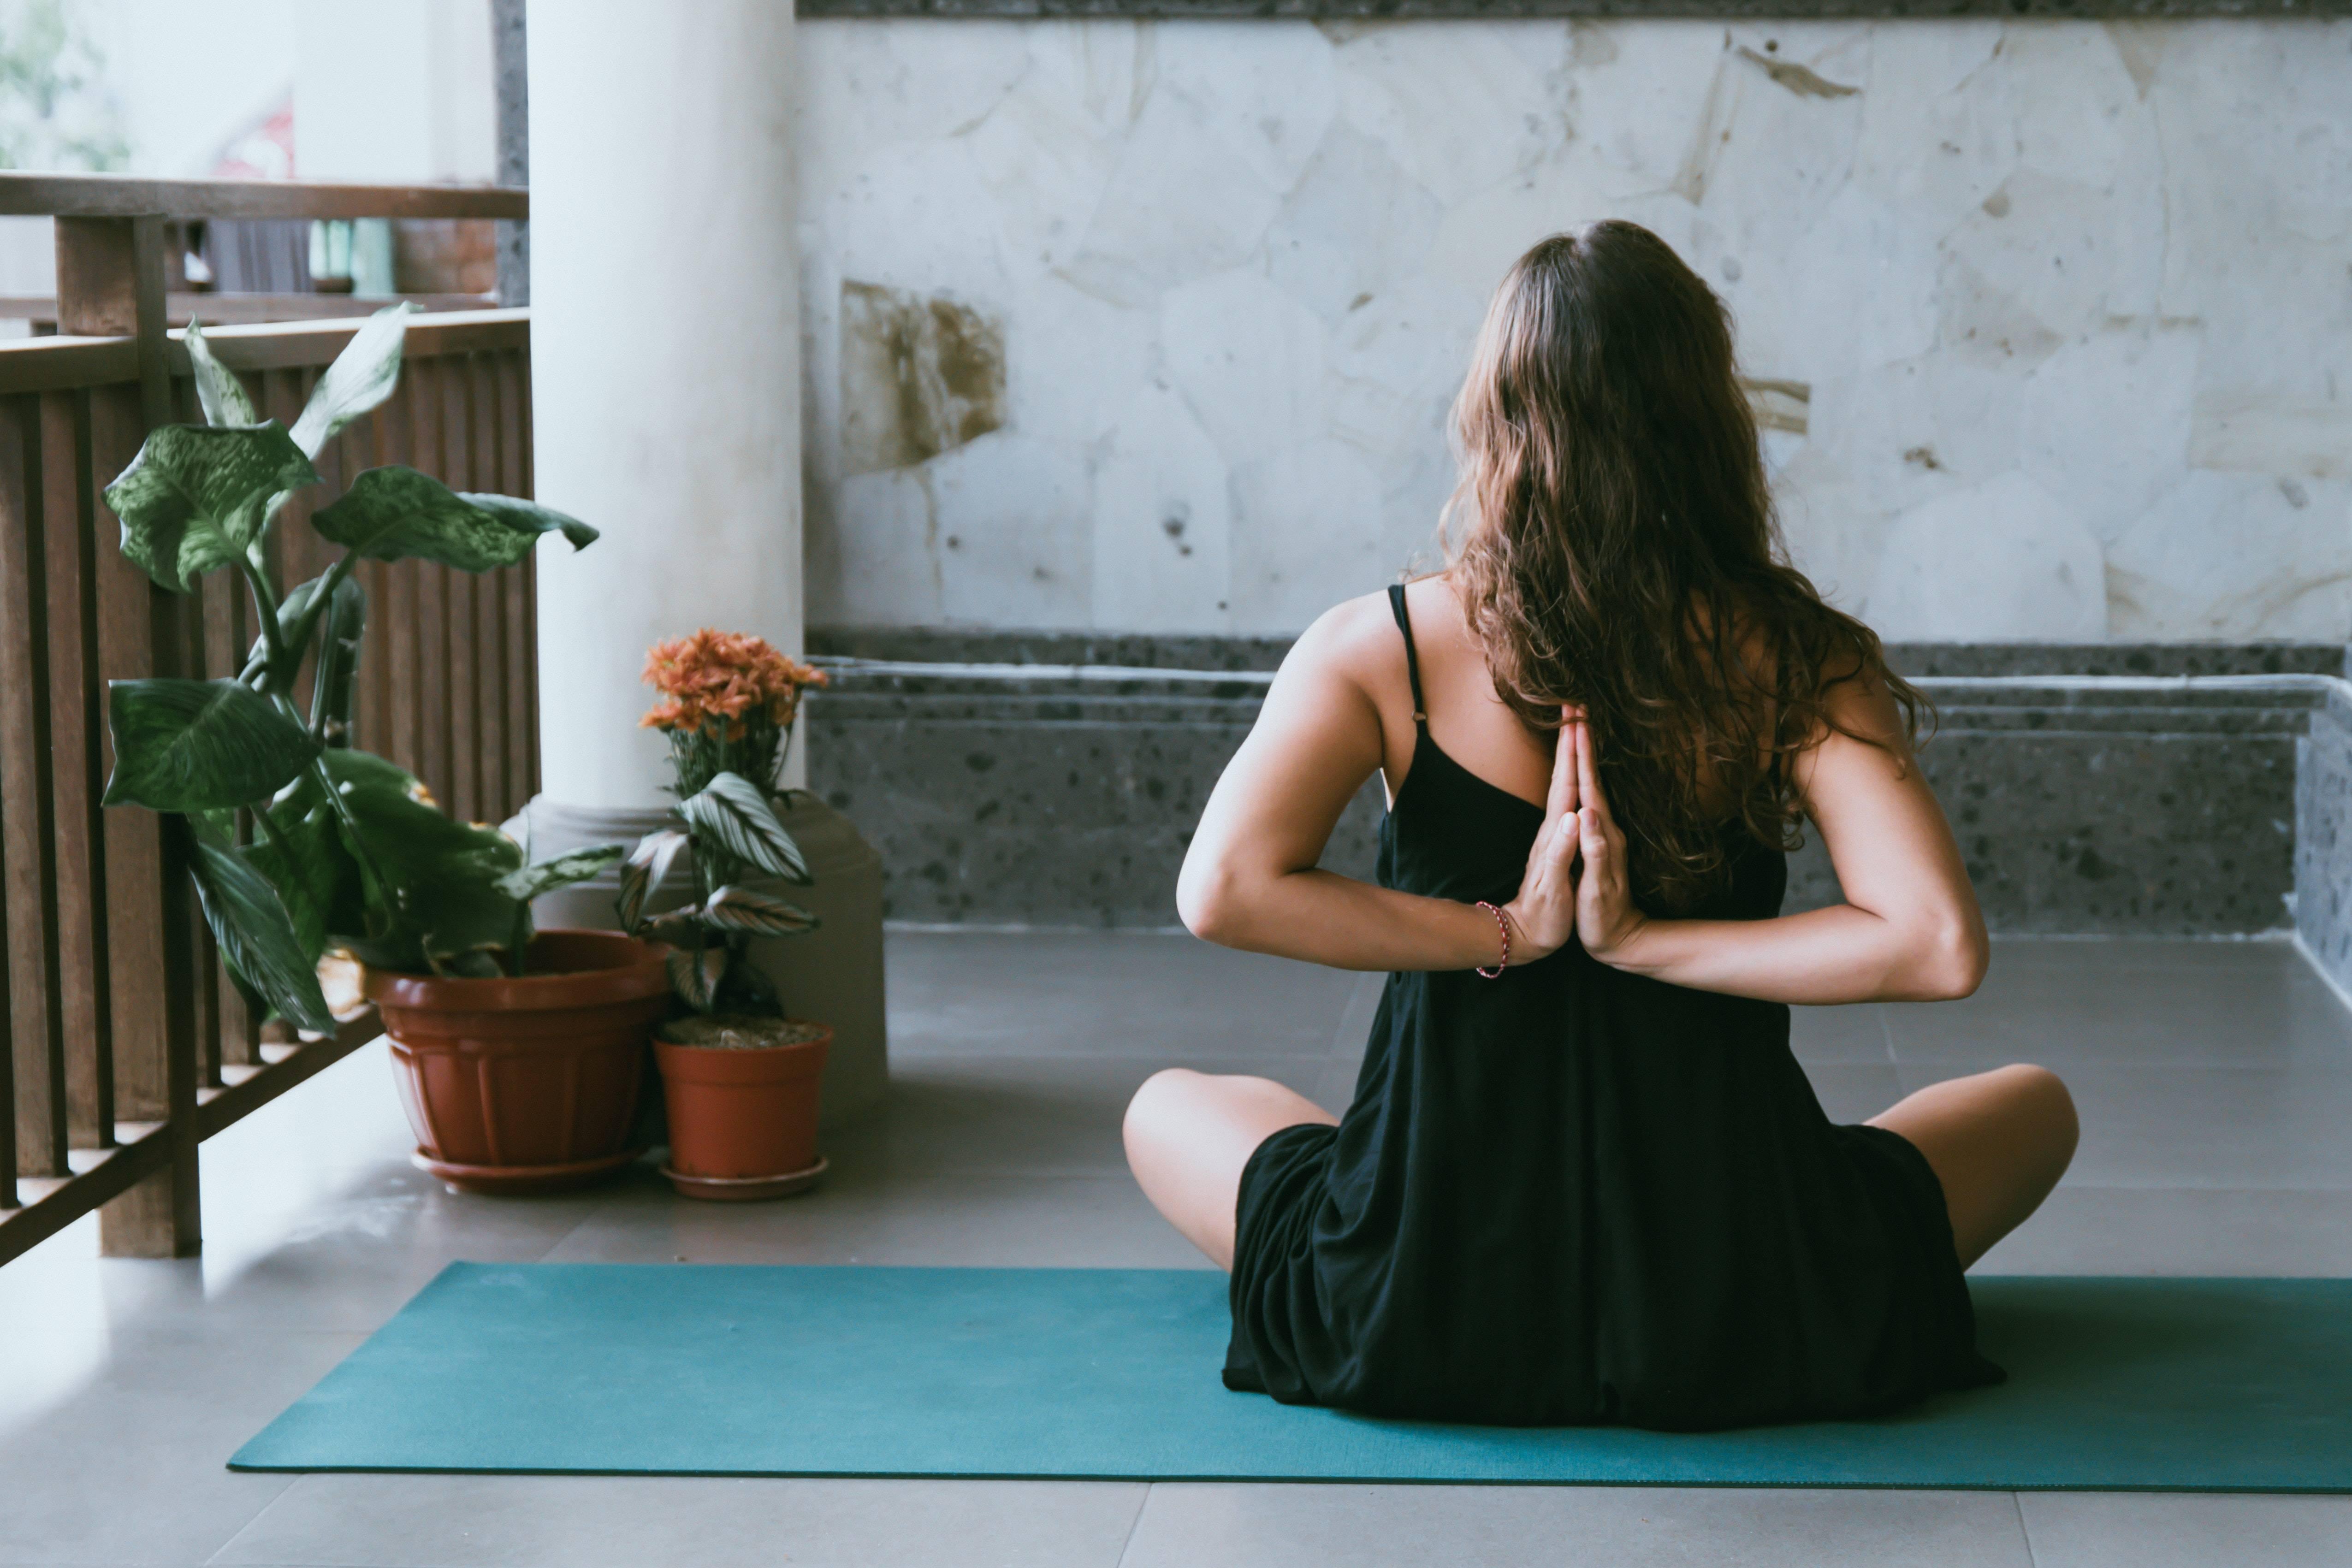 www.juicysantos.com.br - dicas para fazer yoga em casa durante o isolamento